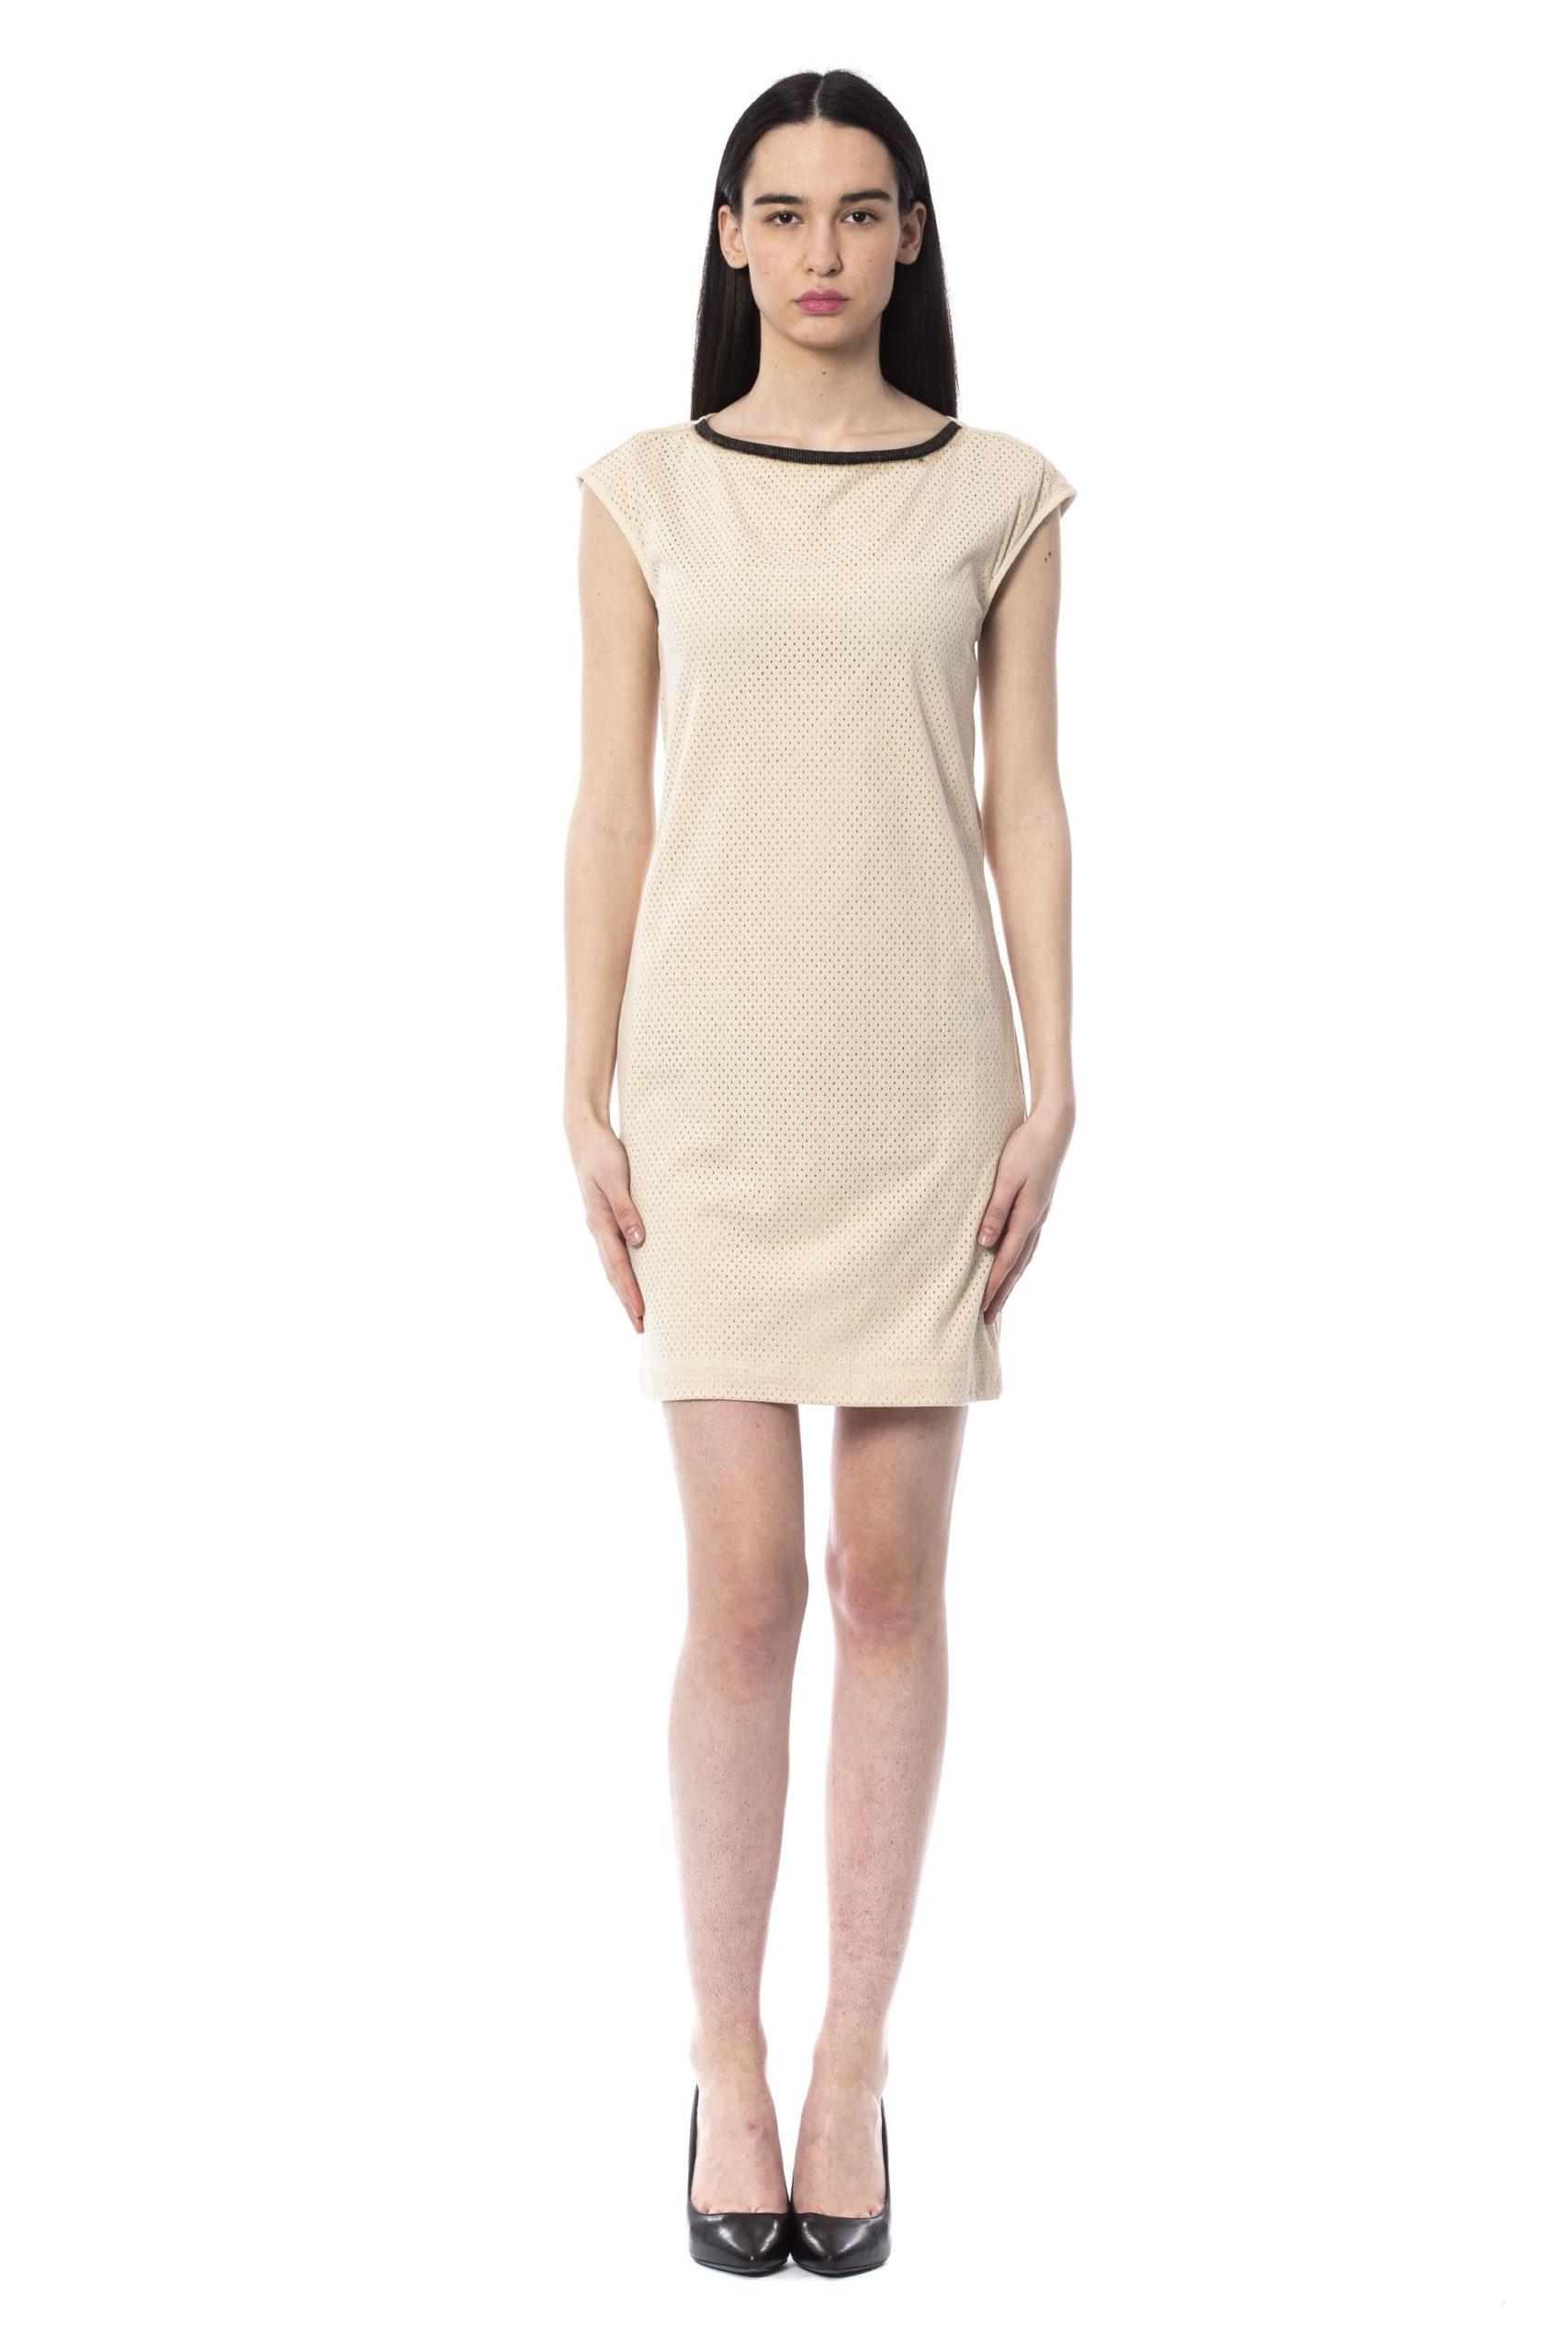 Byblos Women's Avorio Dress Beige BY994828 - IT44   M